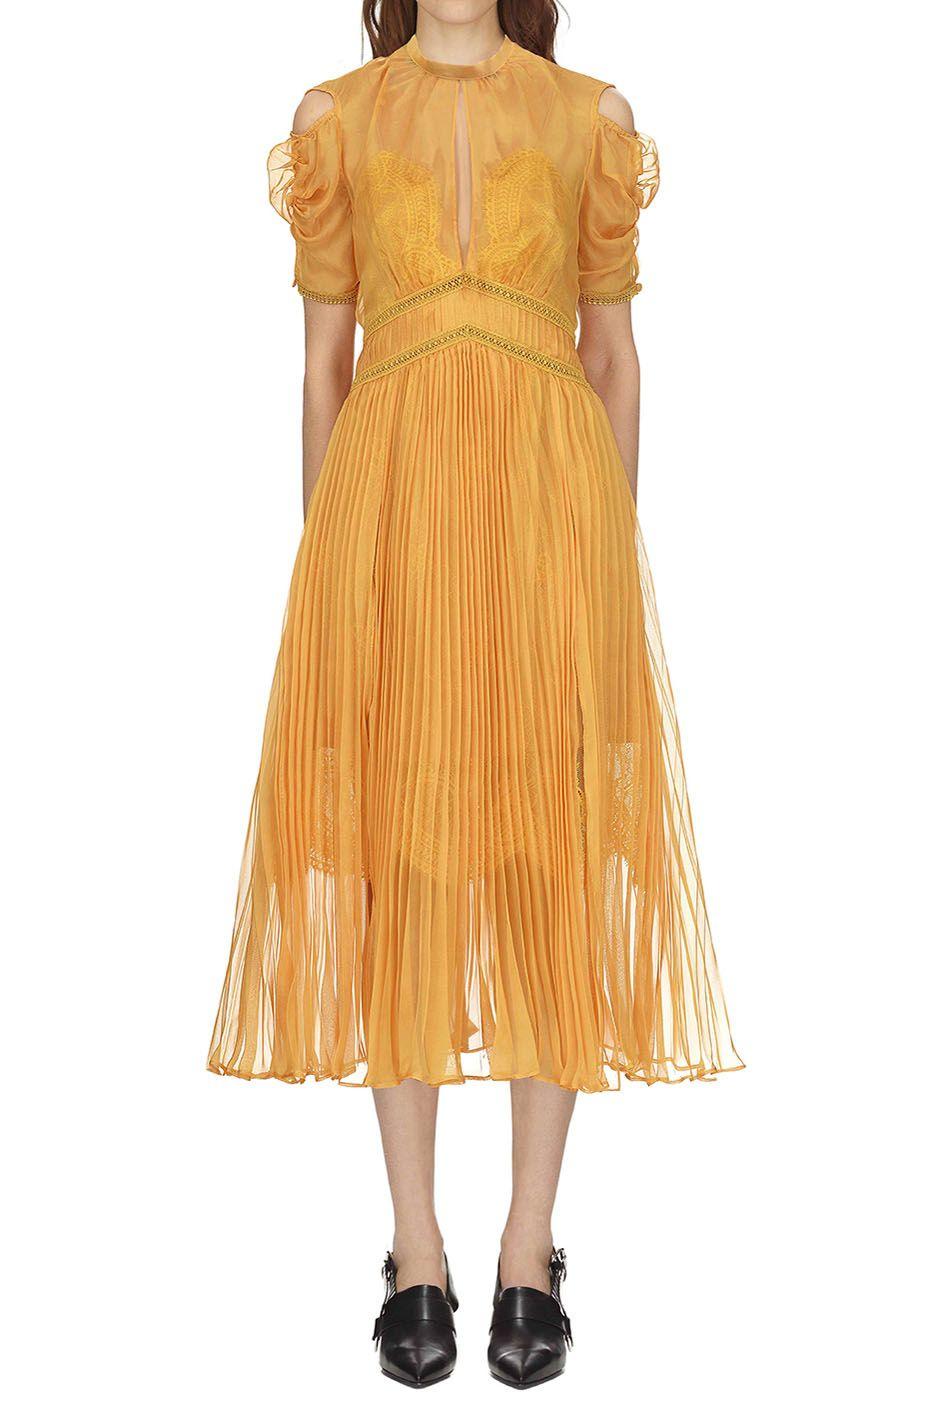 f5d3fa14a23c Self Portrait Mustard Pleated Chiffon Midi Dress | self portrait ...